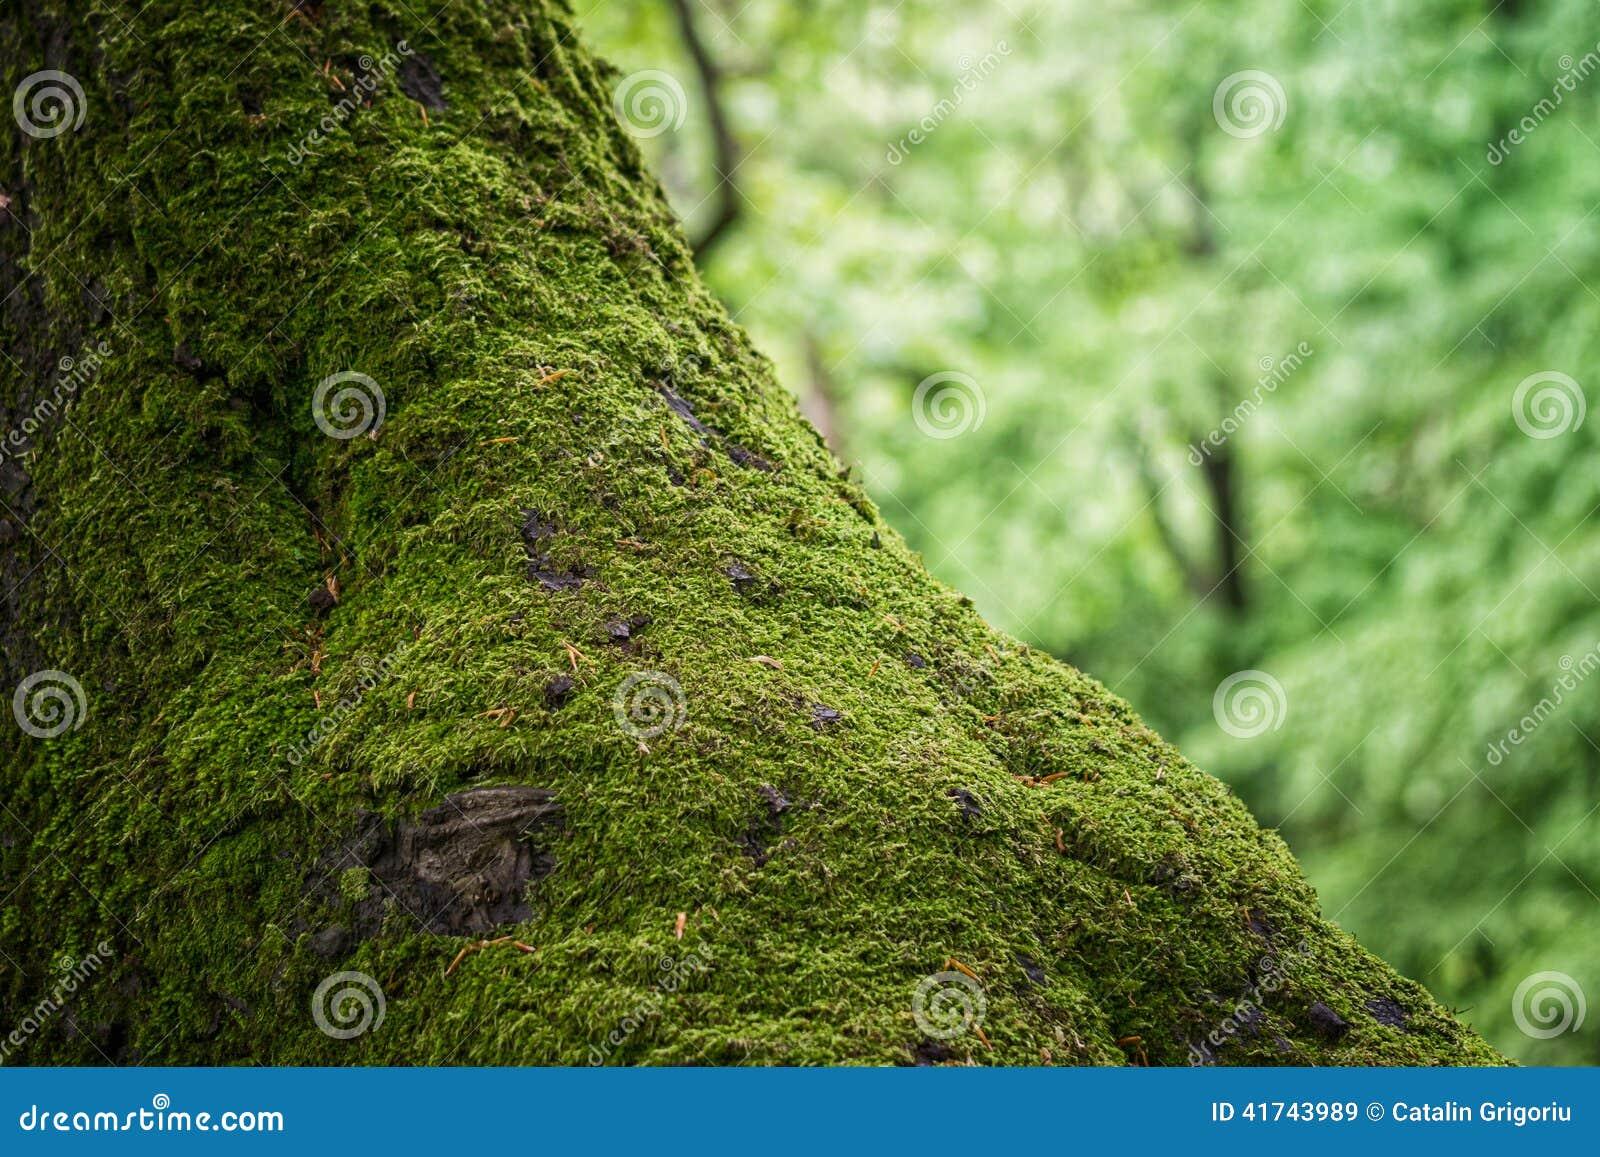 Mousse sur un tronc d 39 arbre photo stock image 41743989 - Mousse sur les arbres ...